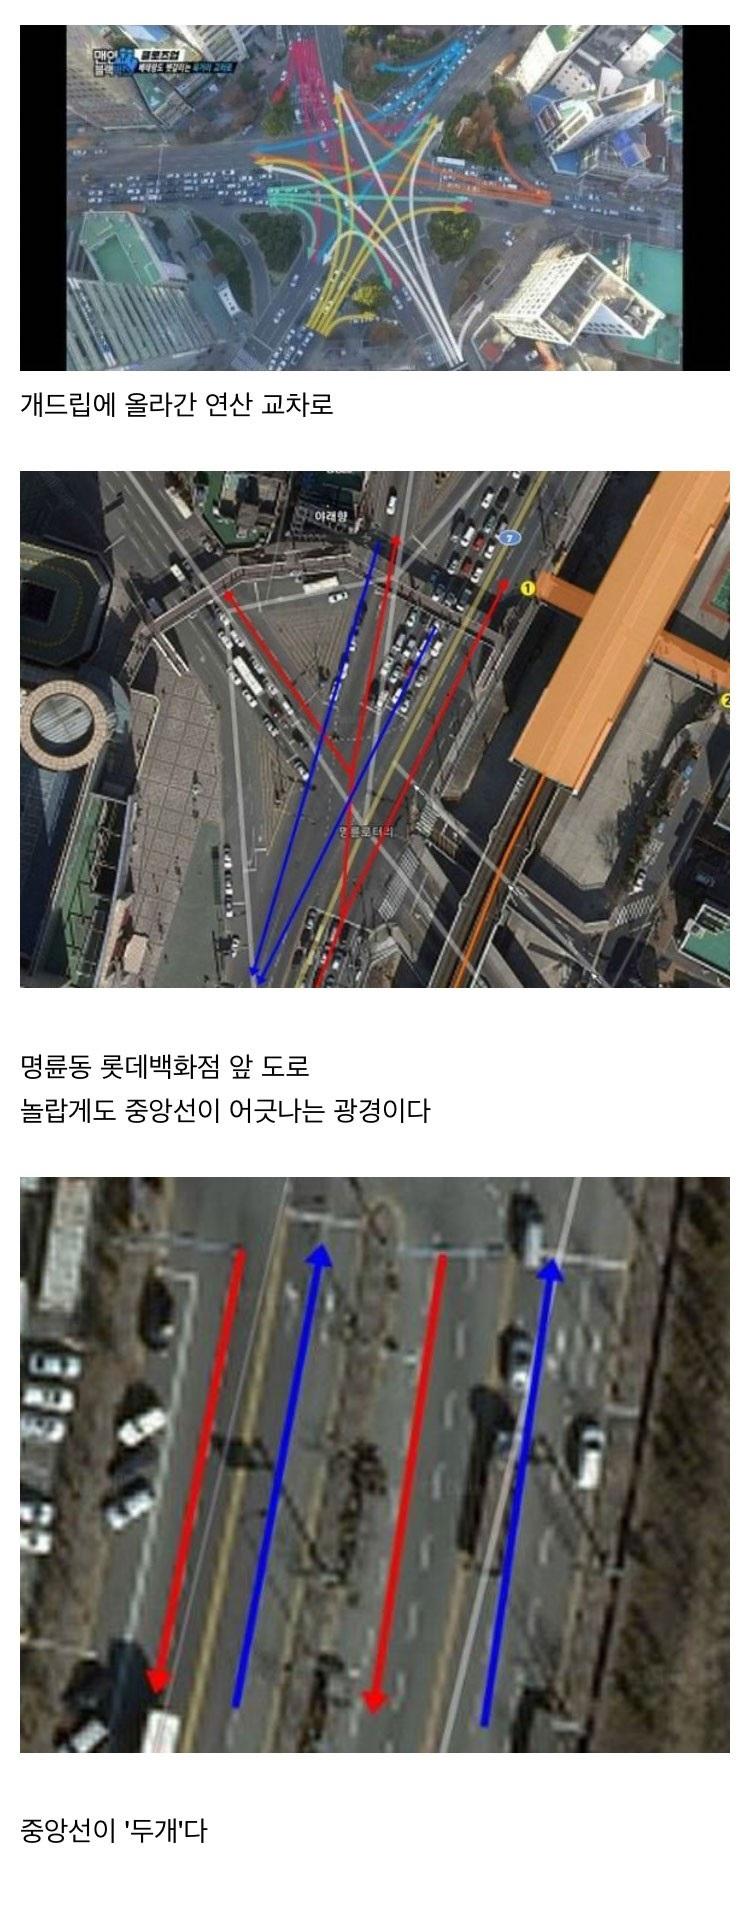 부산 헬도로 도로정책 변화 3